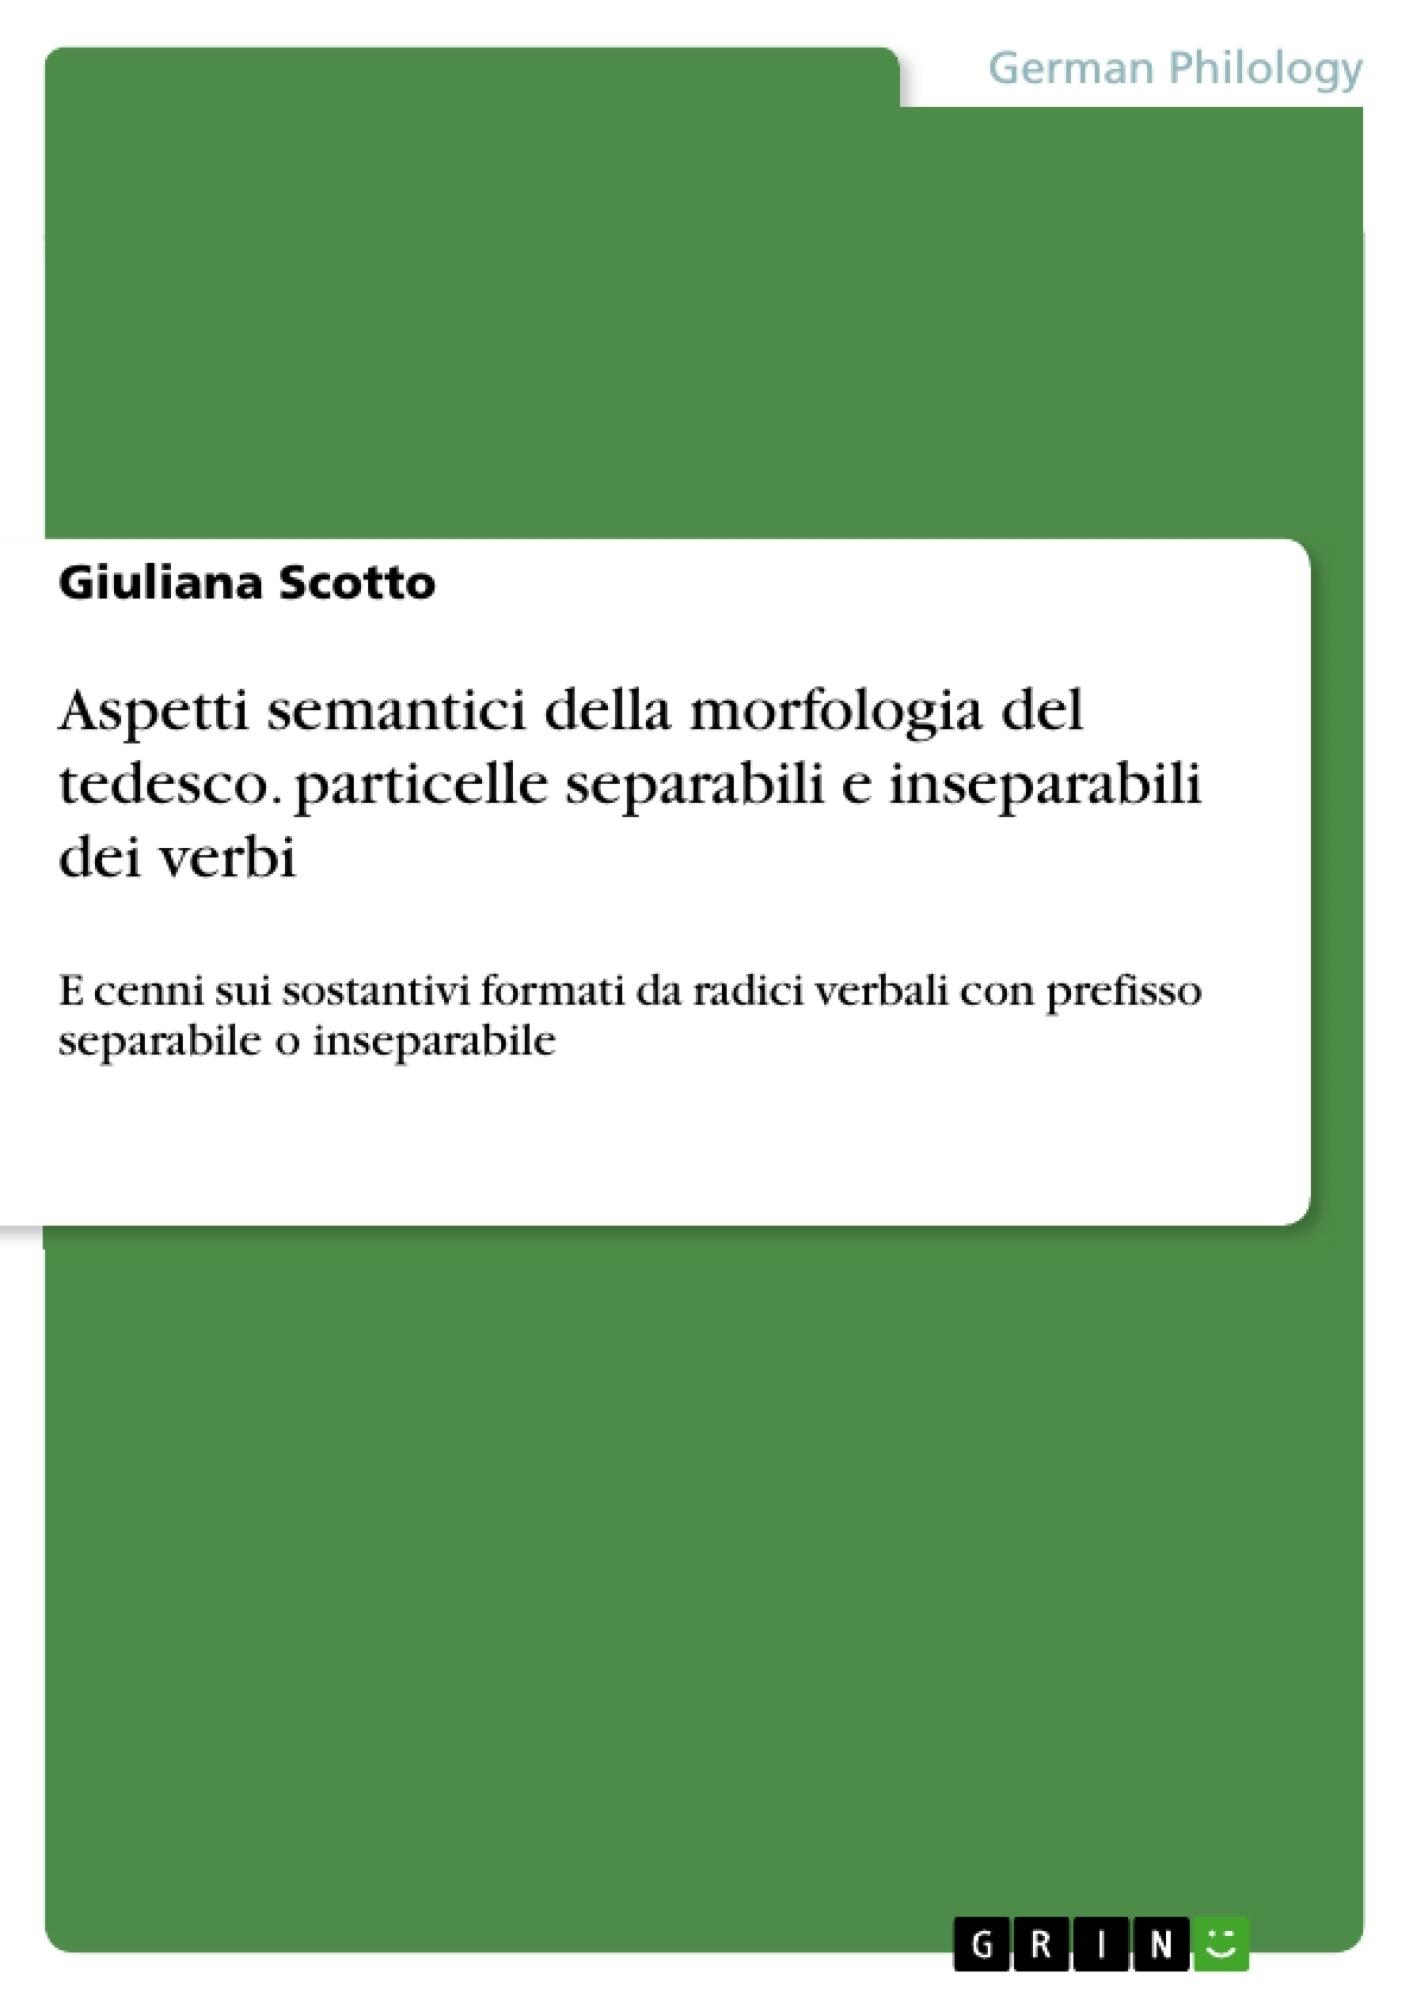 Title: Aspetti semantici della morfologia del tedesco. particelle separabili e inseparabili dei verbi